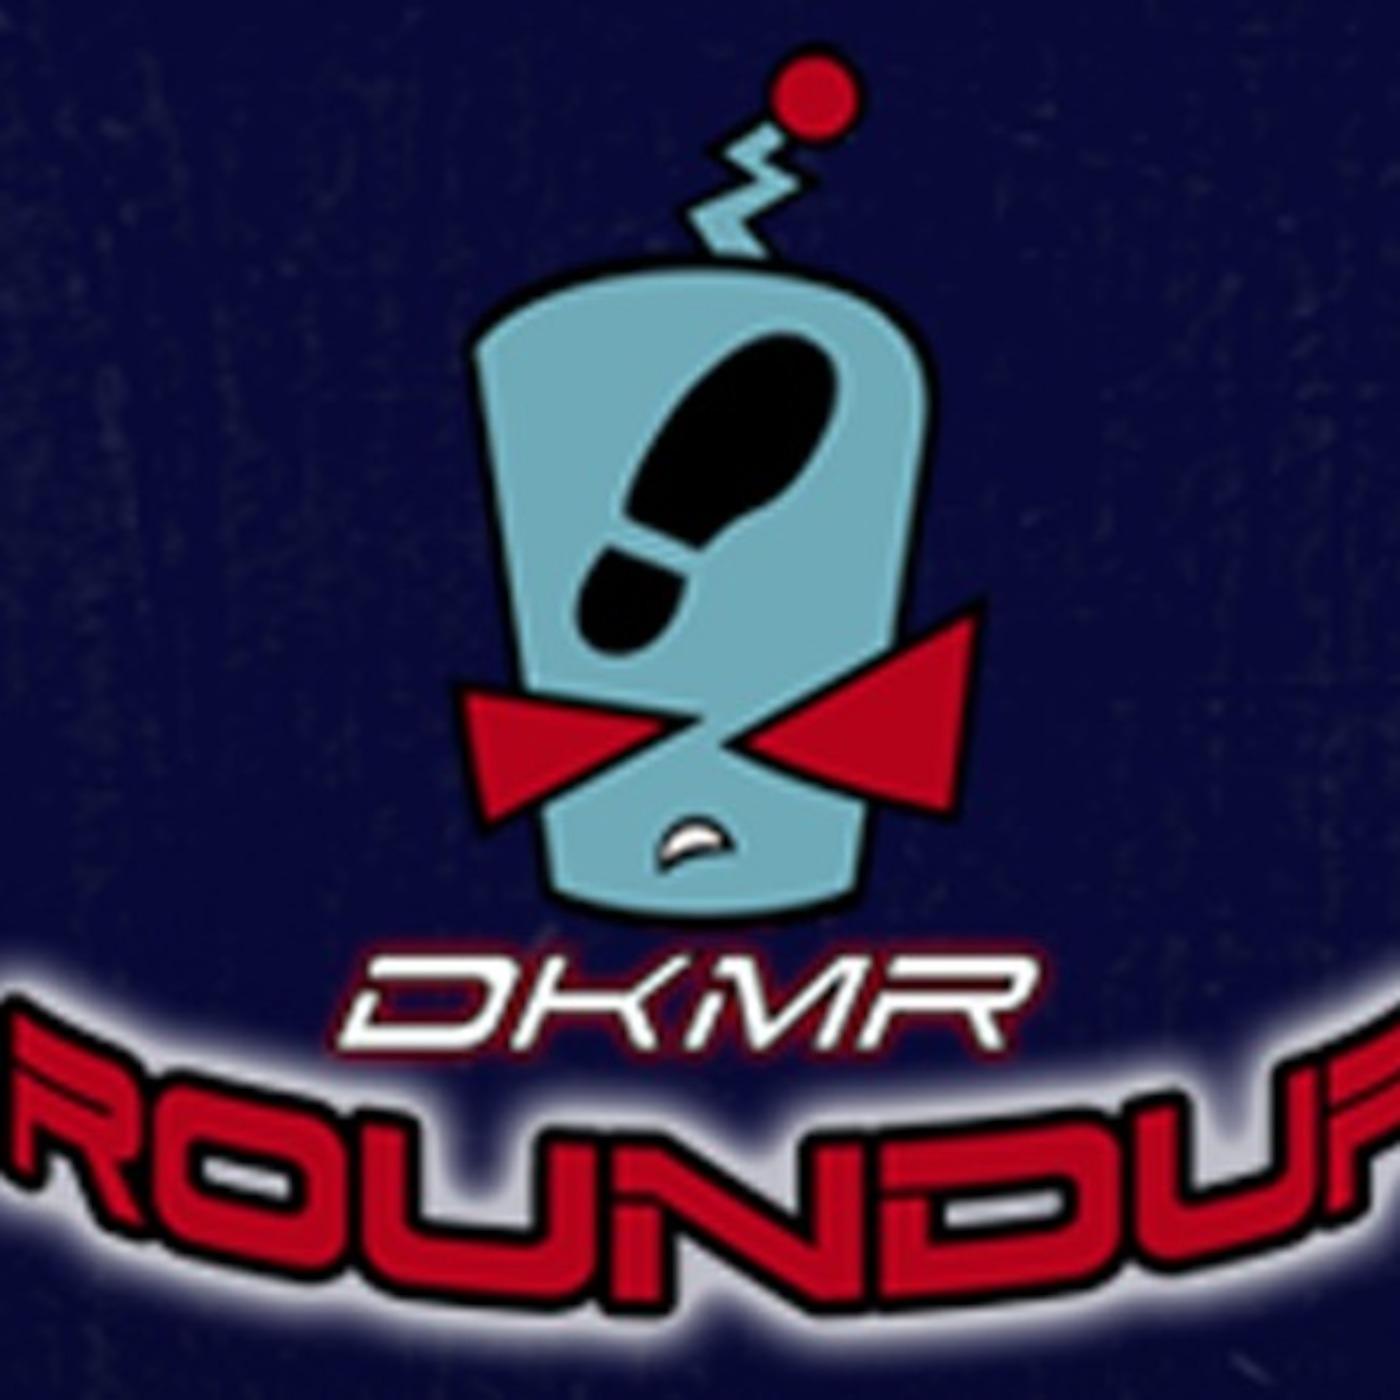 DKMR Round Up